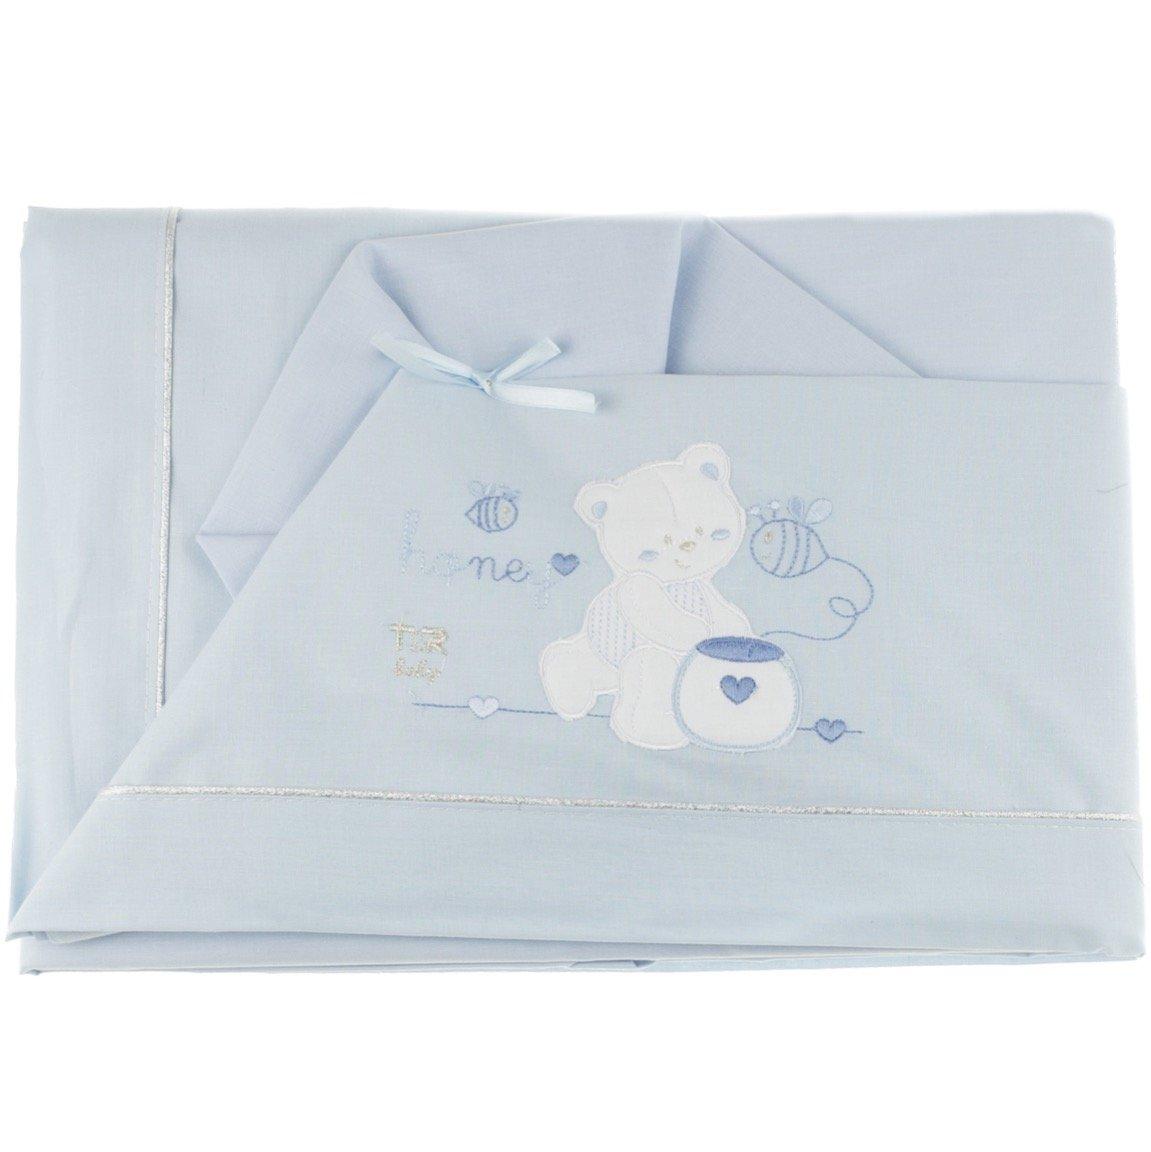 T&R σεντόνια σετ τριών τεμαχίων για παιδικό κρεβάτι (κούνια) «Honey»